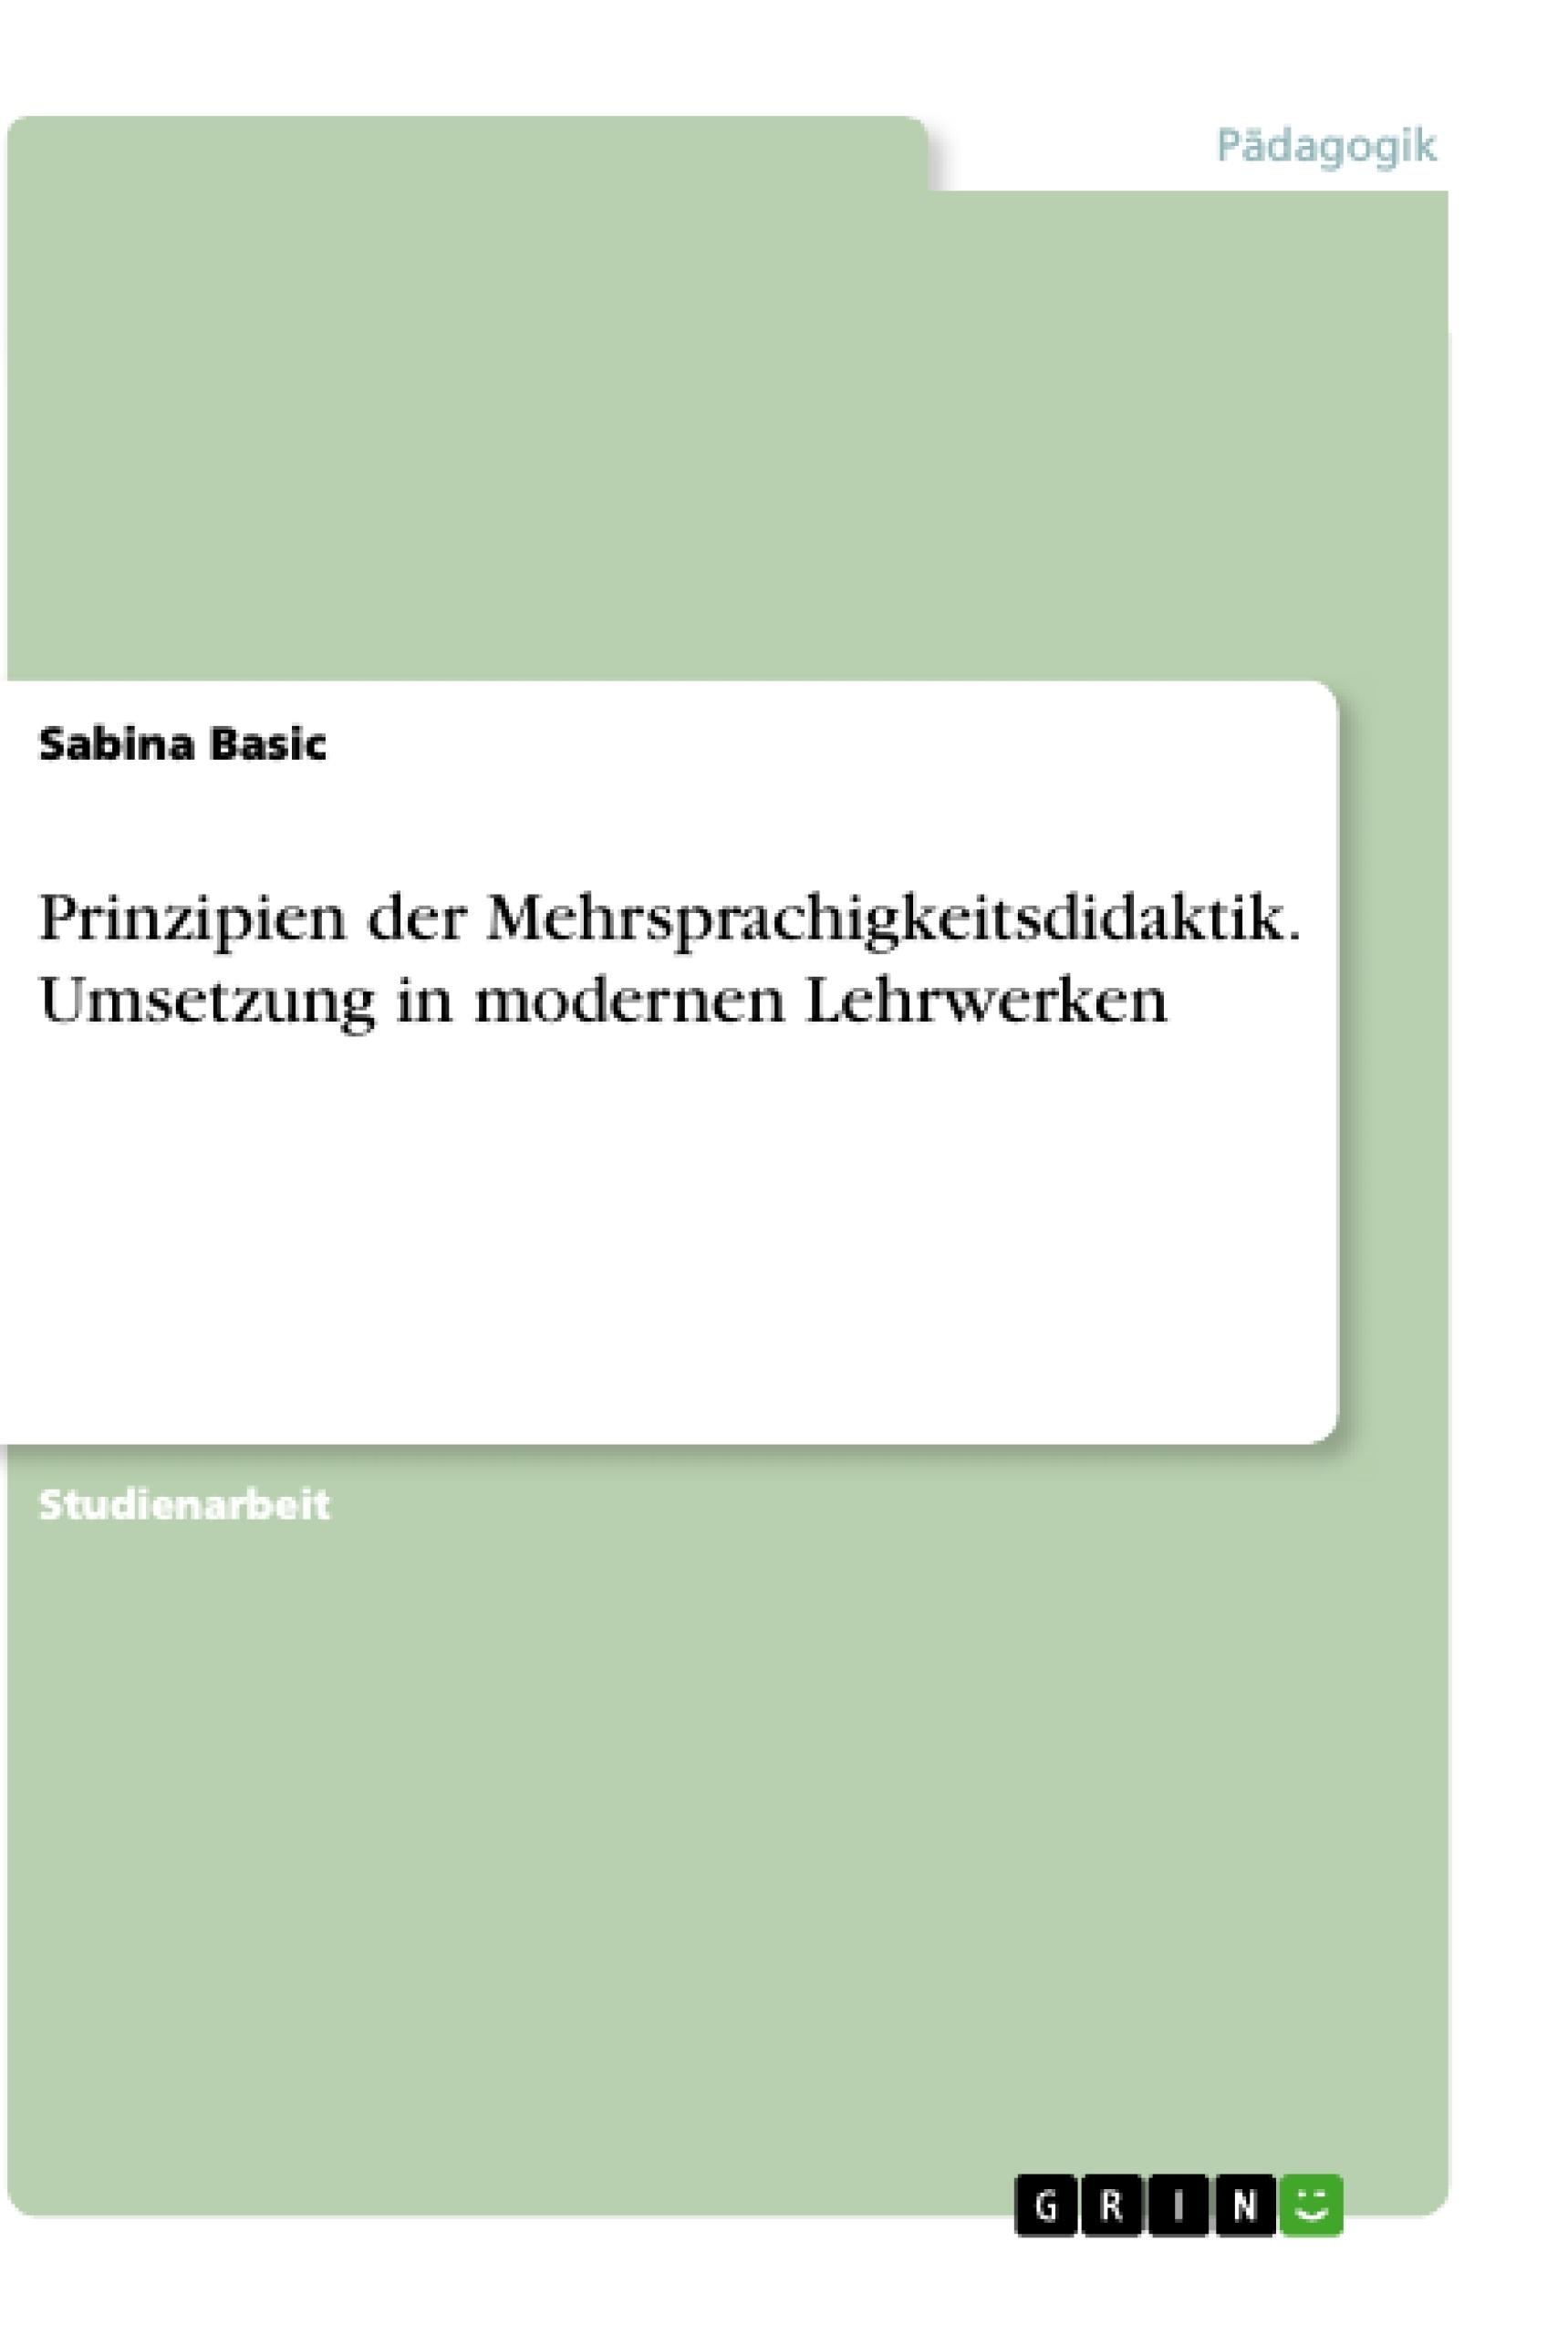 Titel: Prinzipien der Mehrsprachigkeitsdidaktik. Umsetzung in modernen Lehrwerken